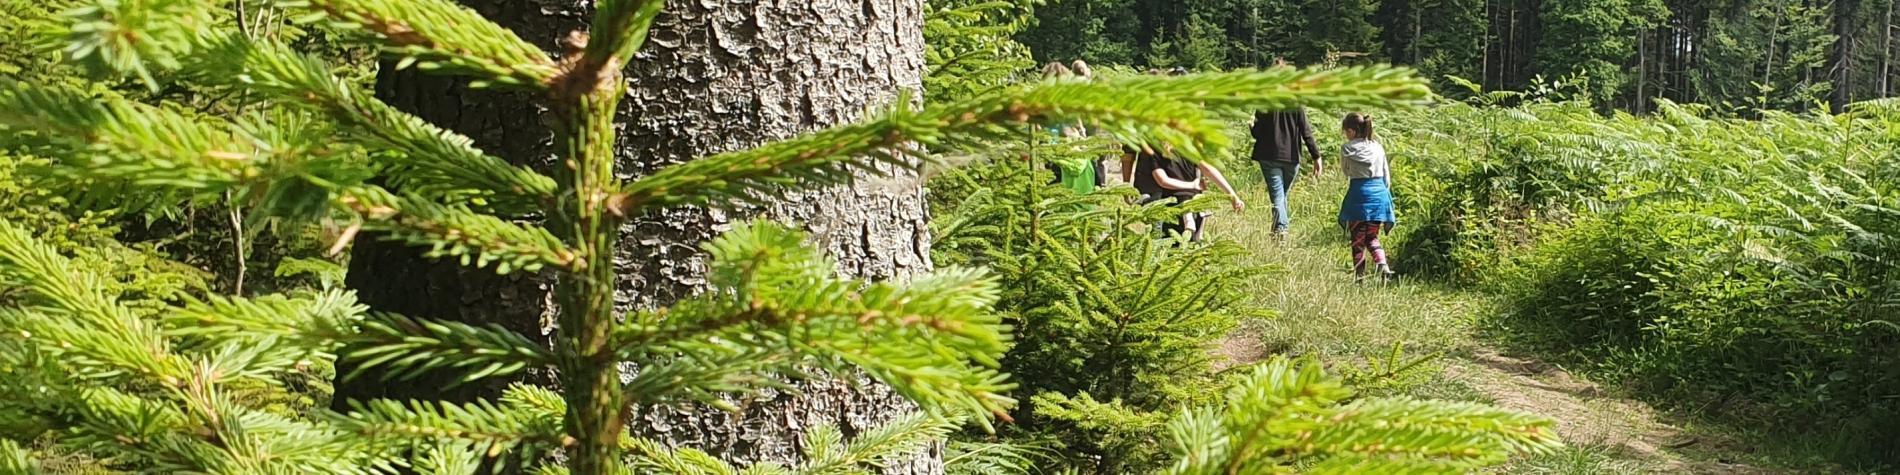 Vue d'une forêt à Tenneville